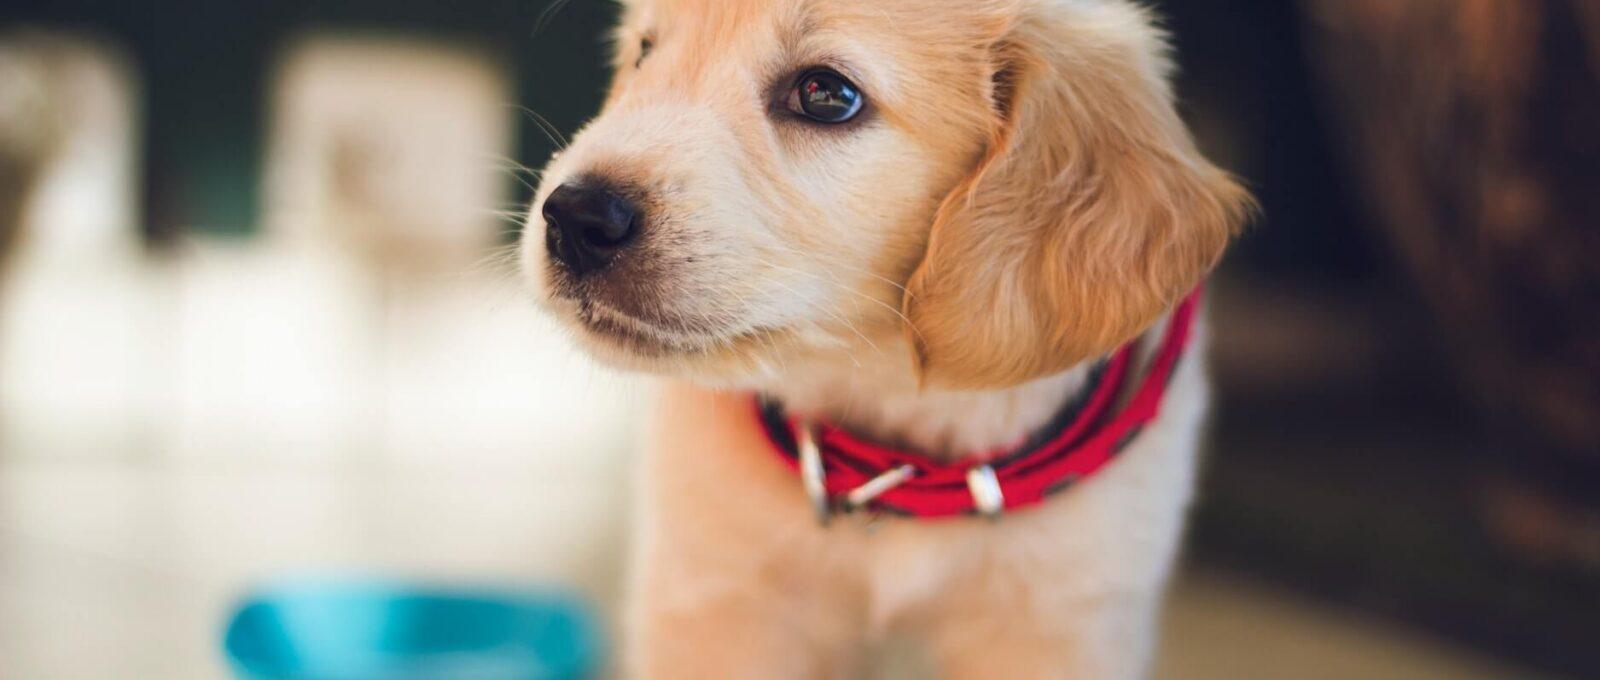 Comment apaiser un chien craintif chez le vétérinaire